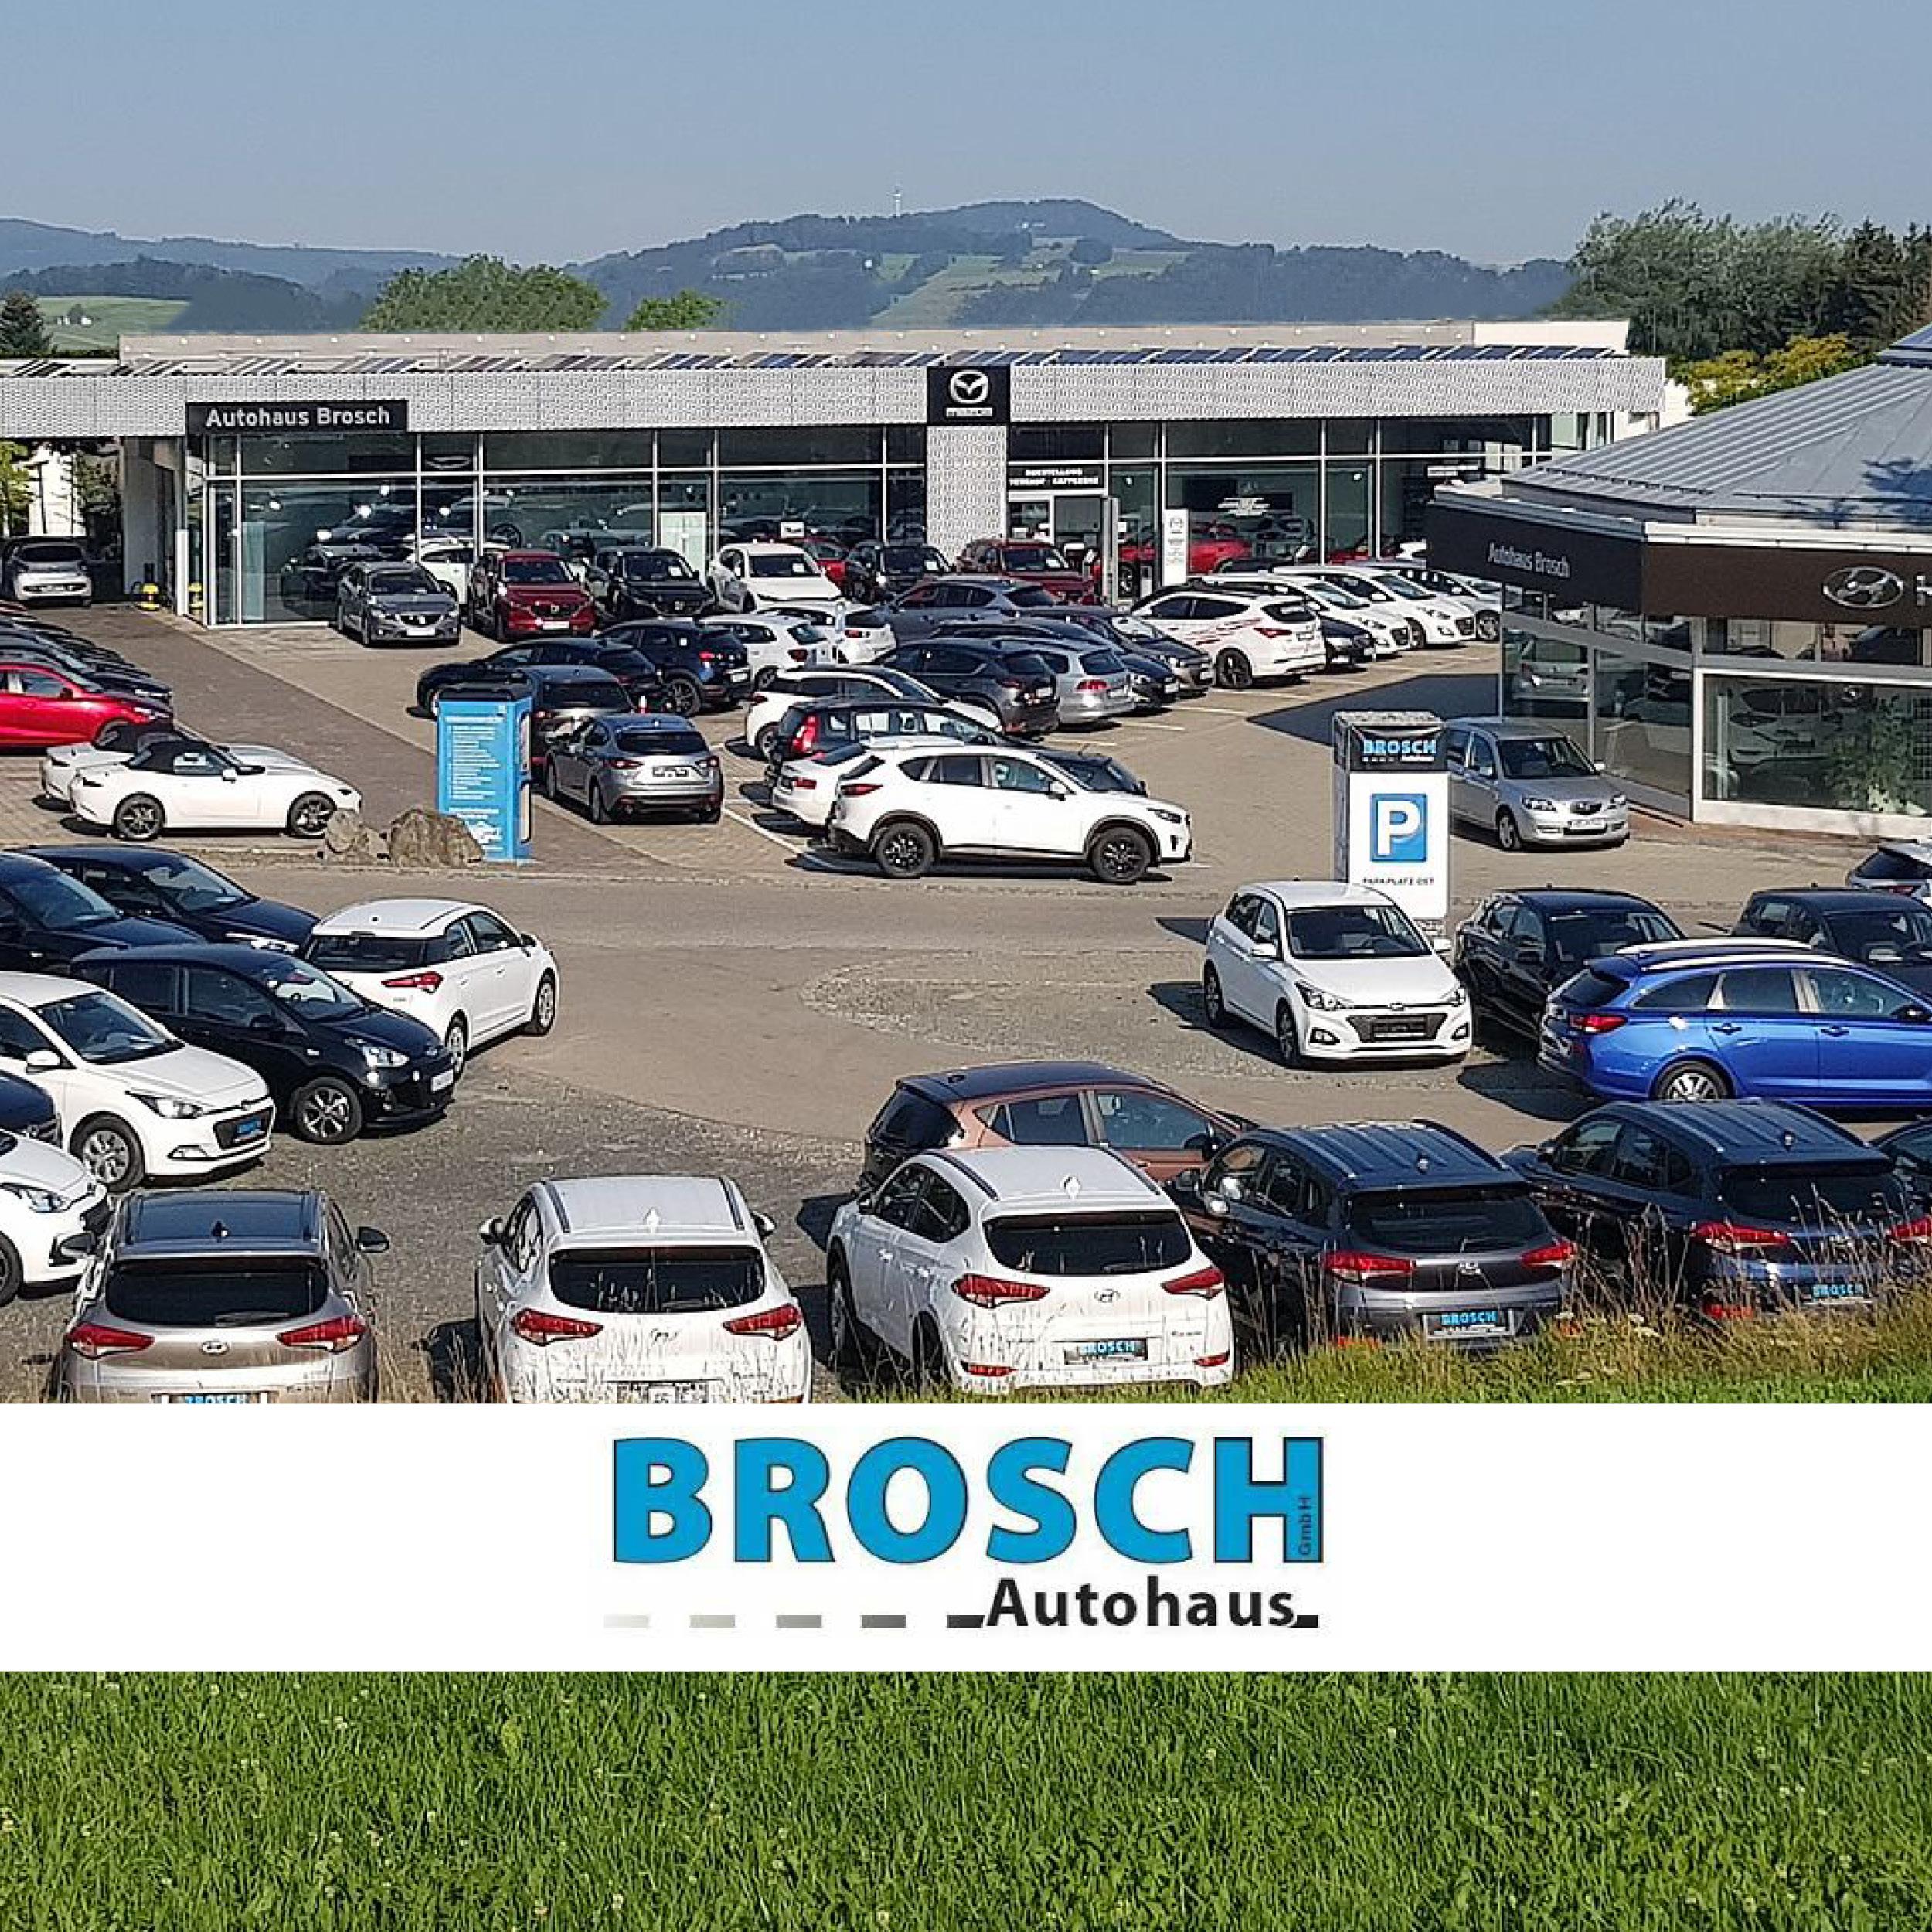 Autohaus Brosch GmbH